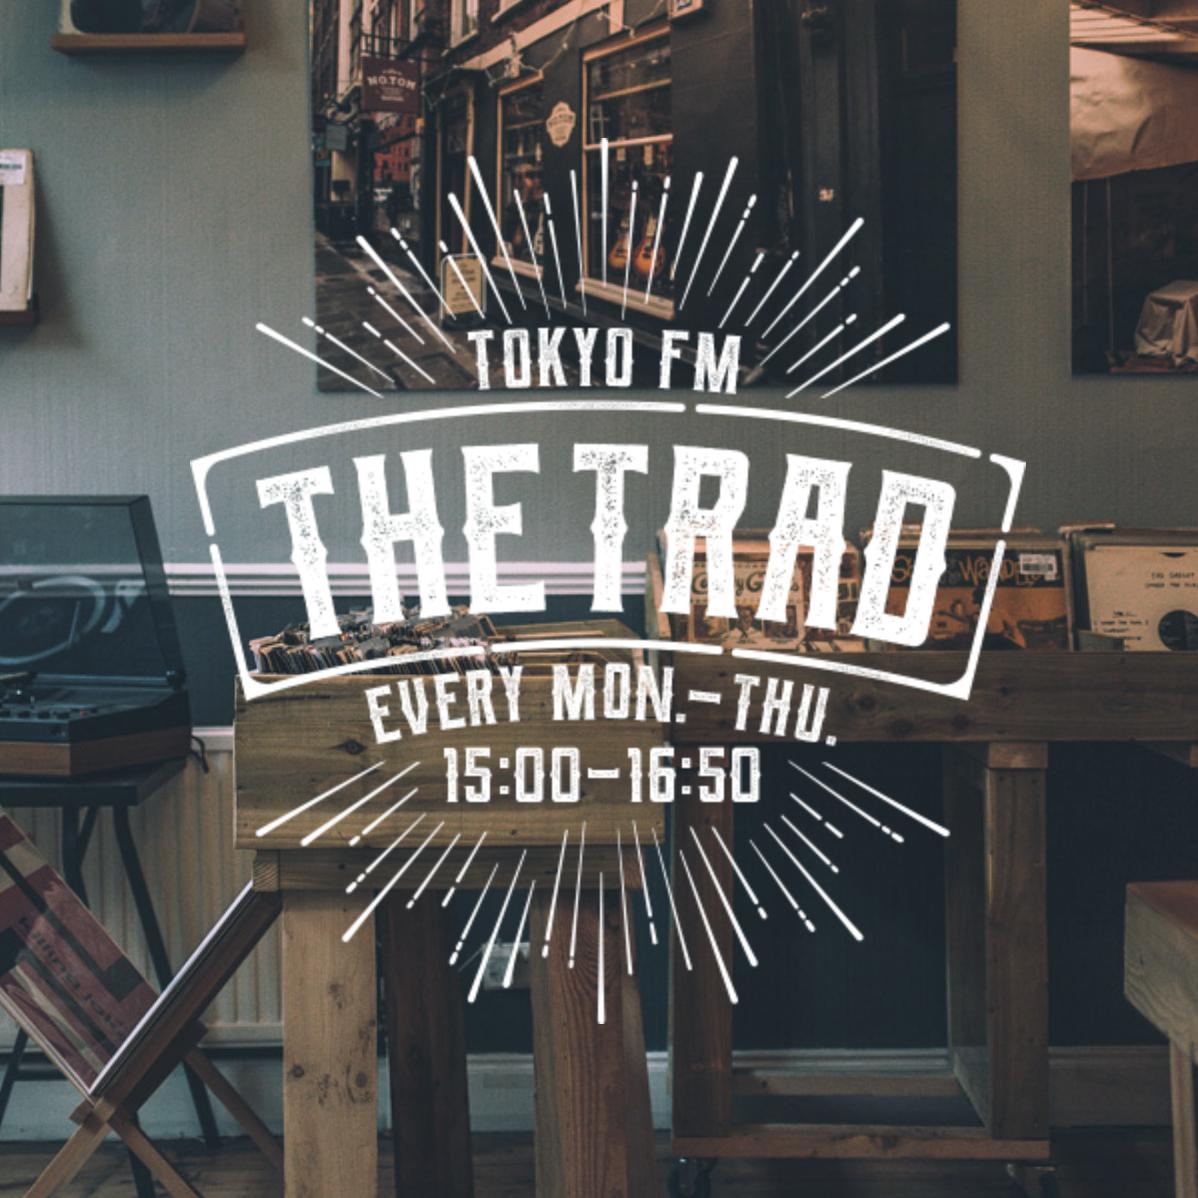 8月31日(月)15:00から放送のTOKYO FM「THE TRAD」に生出演が決定!